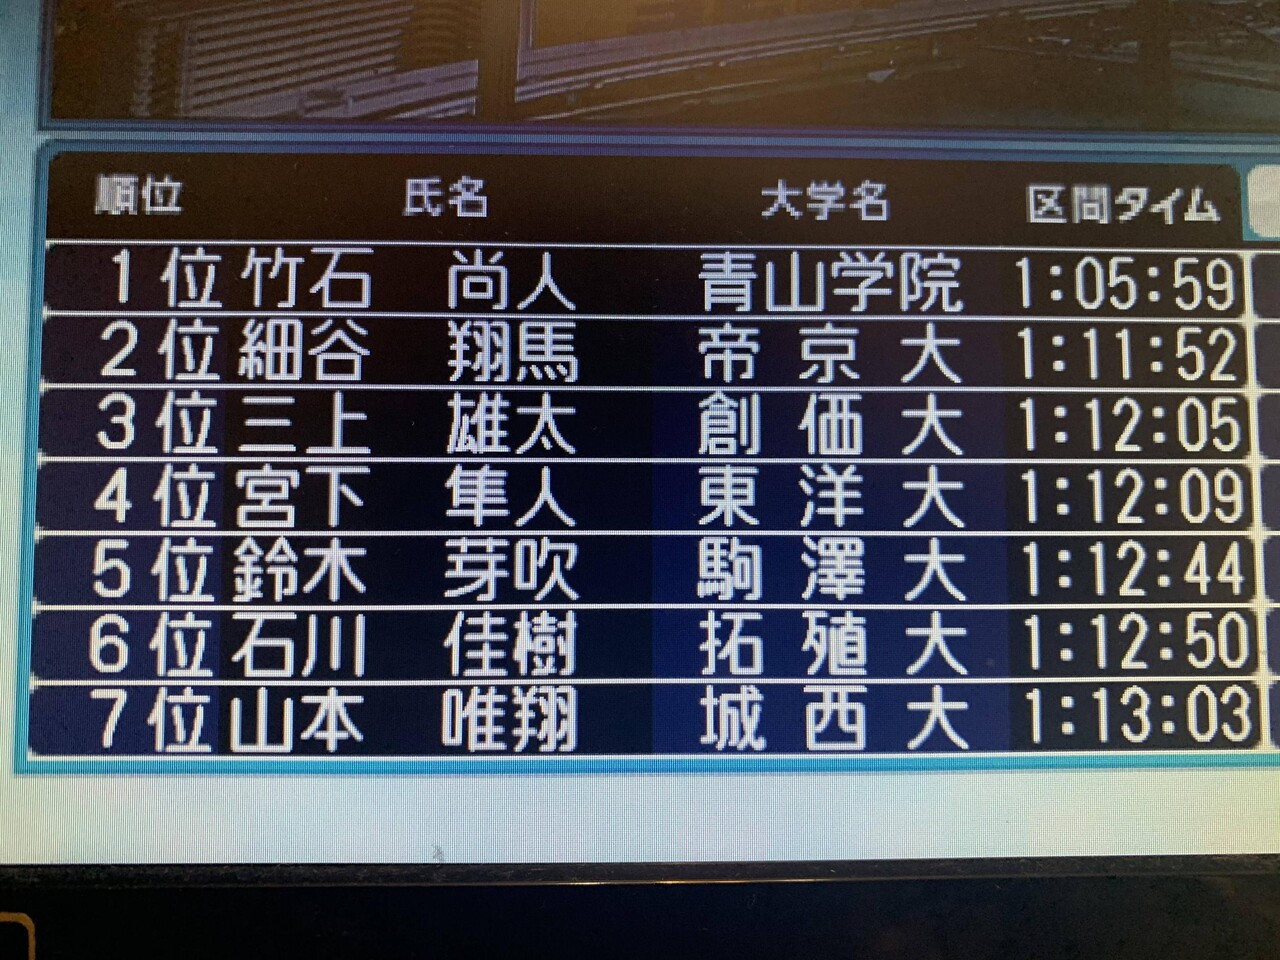 部 5ch 大学 陸上 駒澤